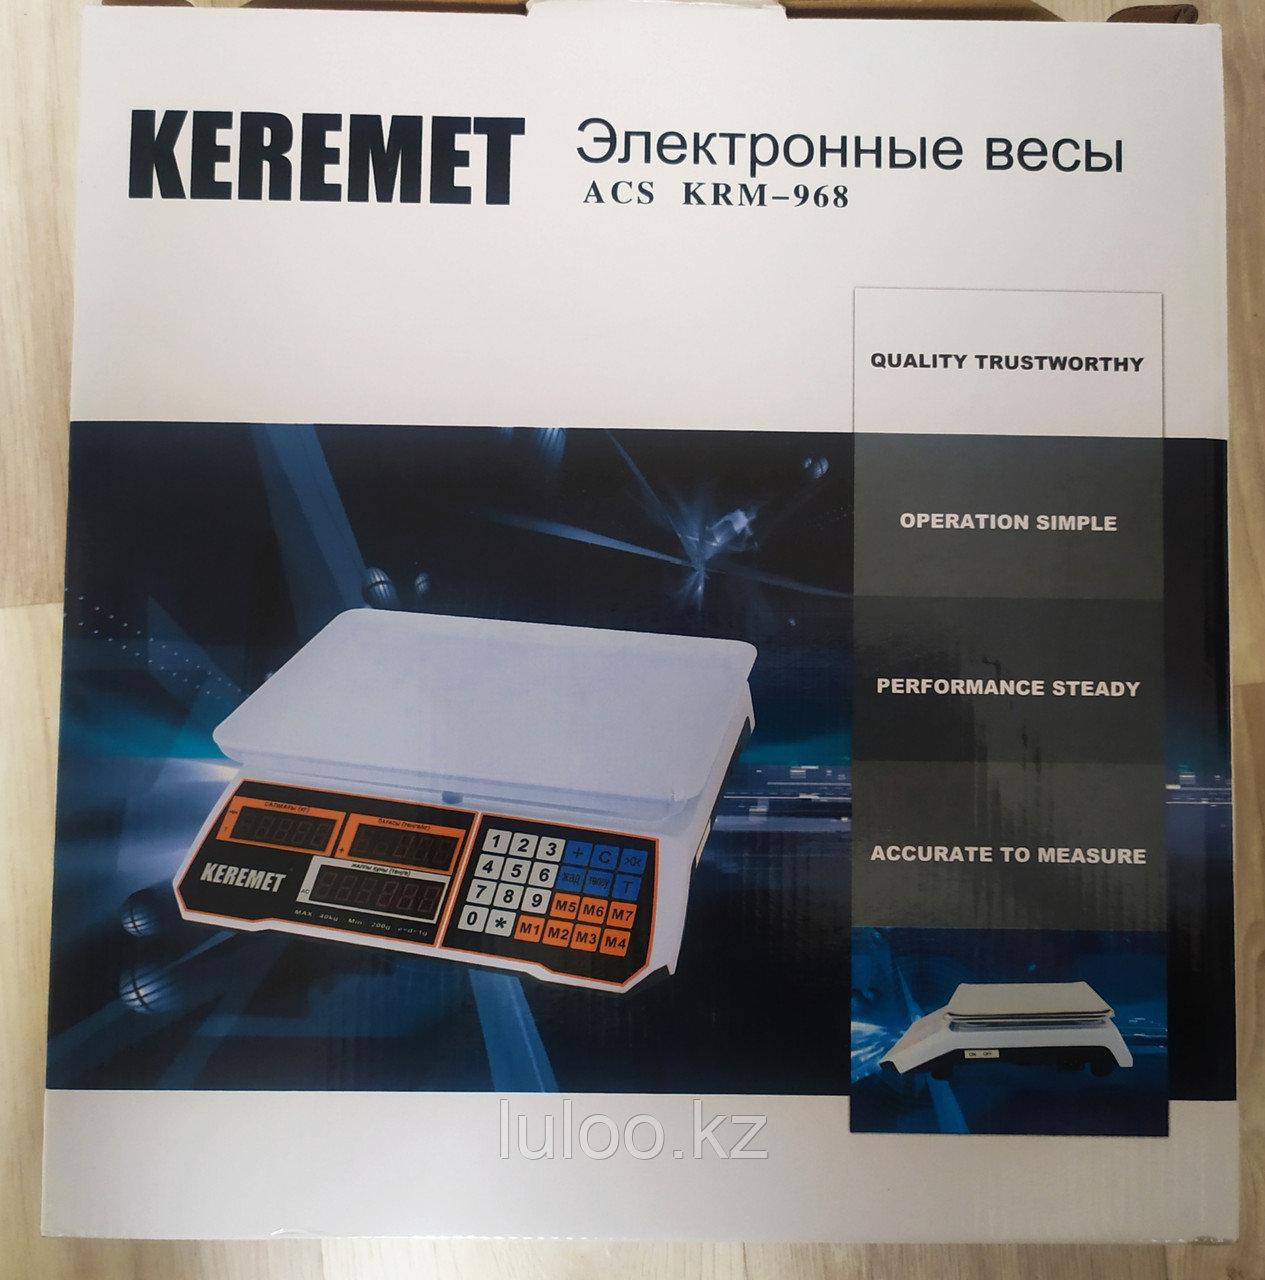 Весы электронные KEREMET ACS KRM-968, 40 кг / 1 гр - фото 1